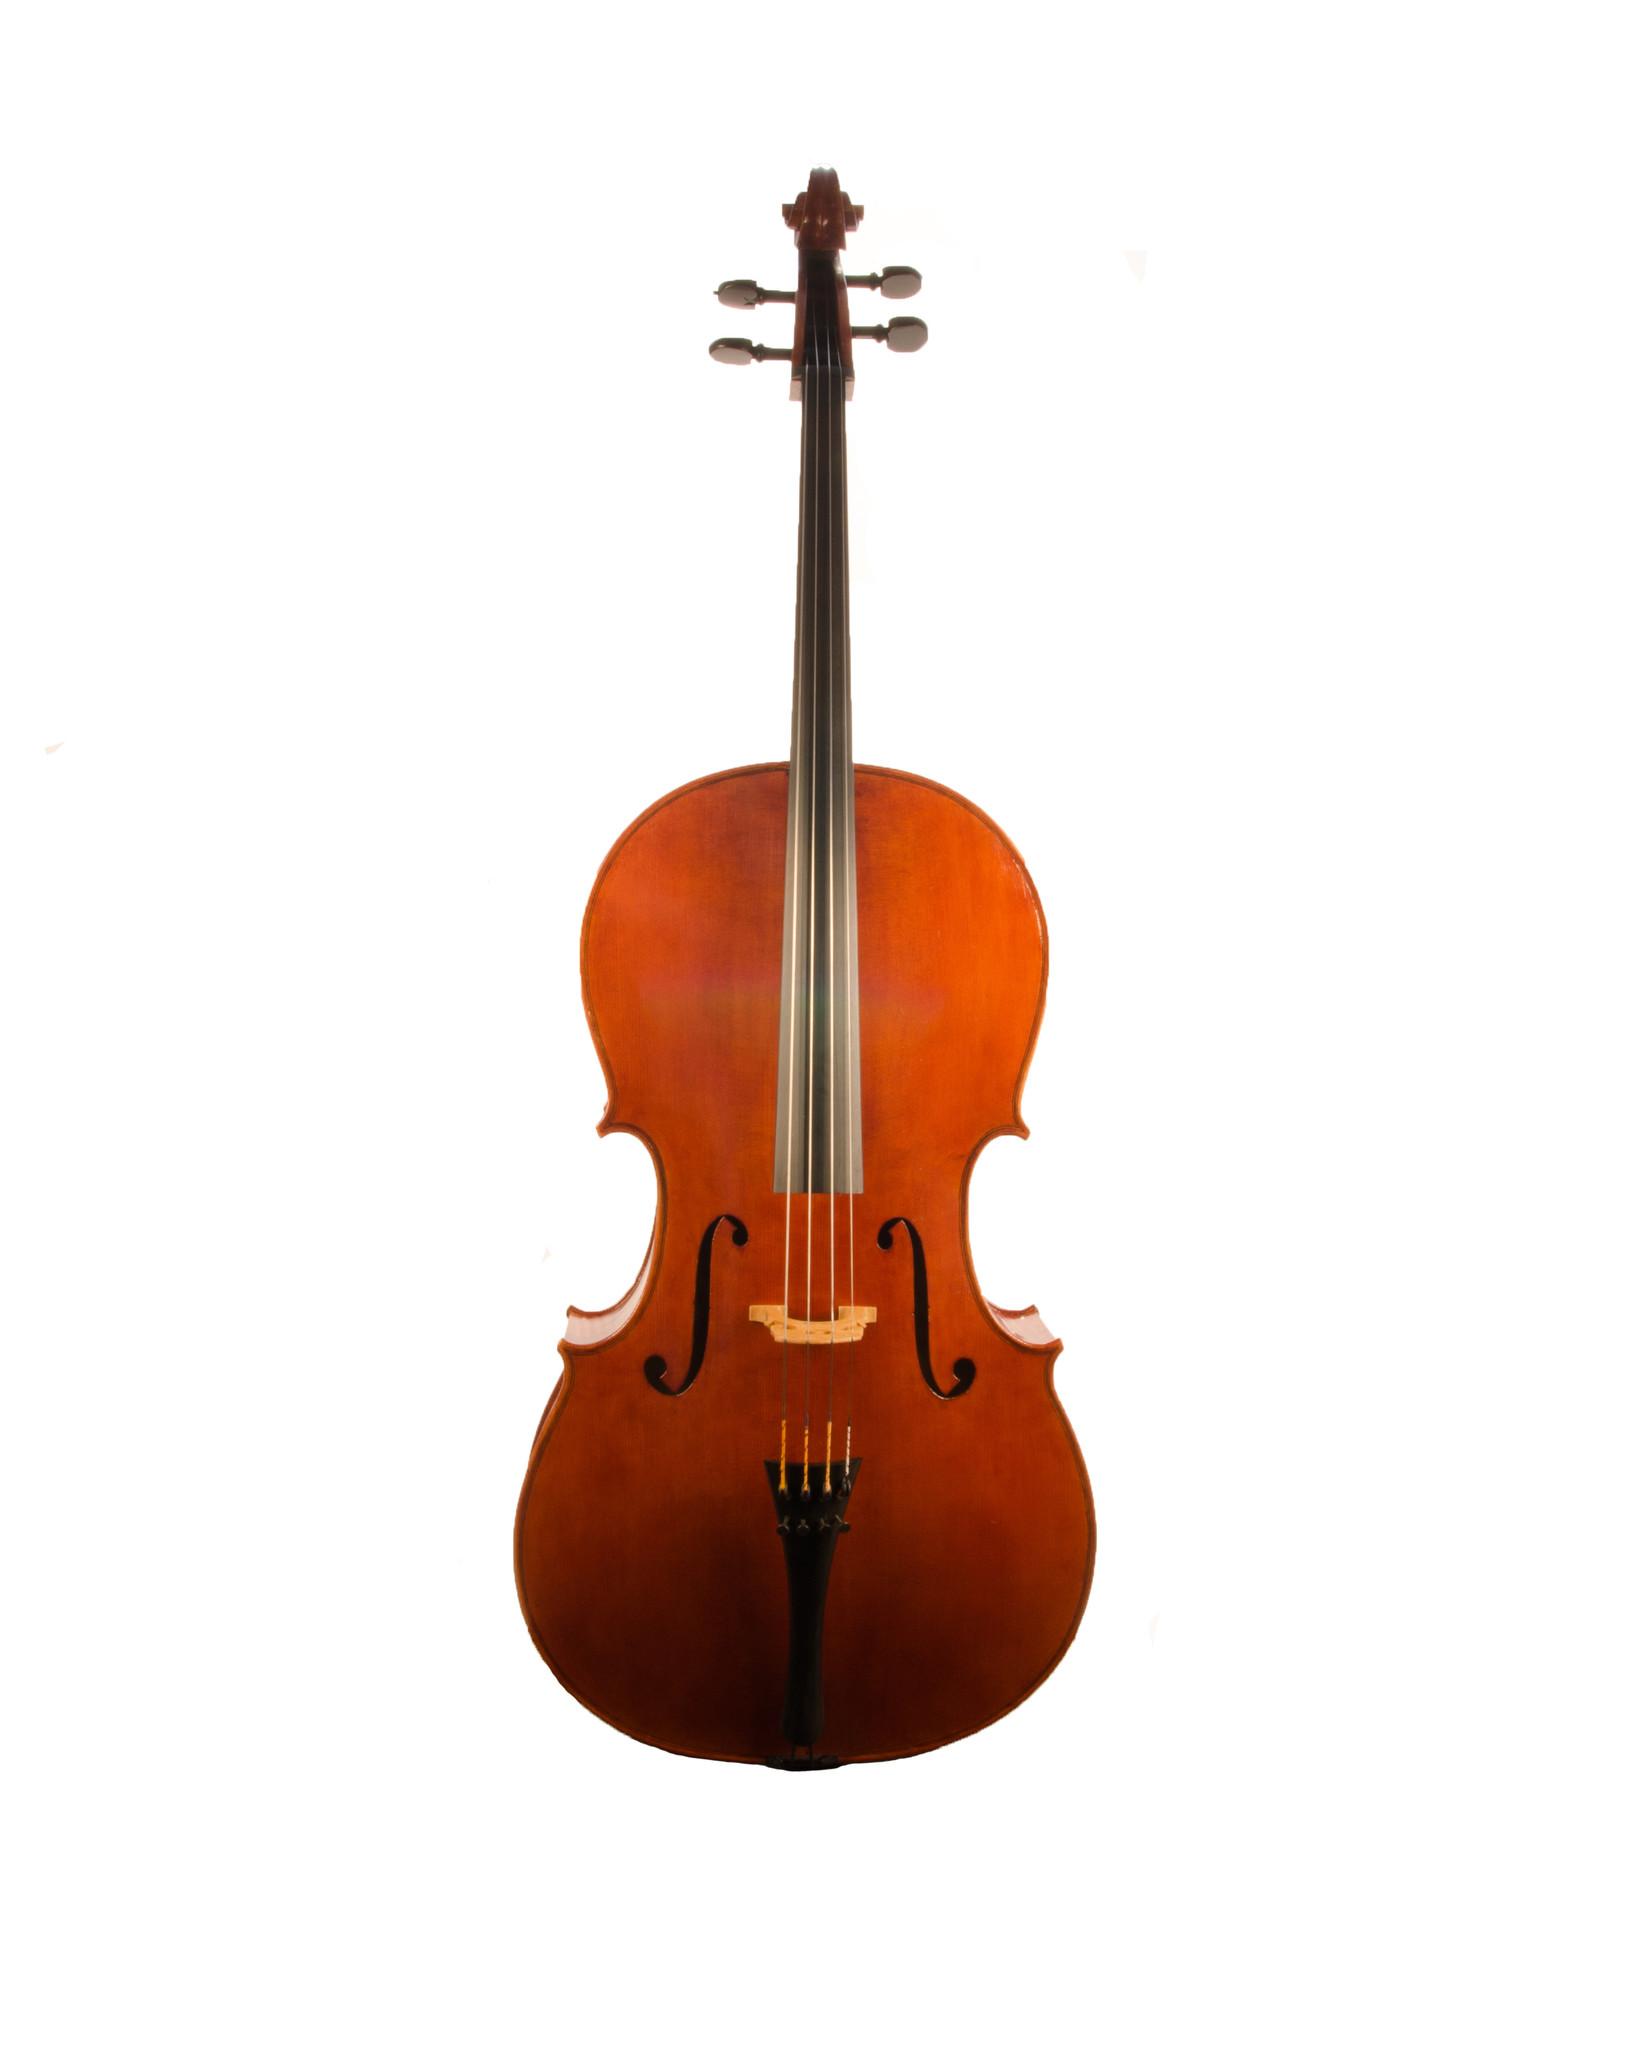 Carrie Scoggins cello, 2020, Salt Lake City, UT